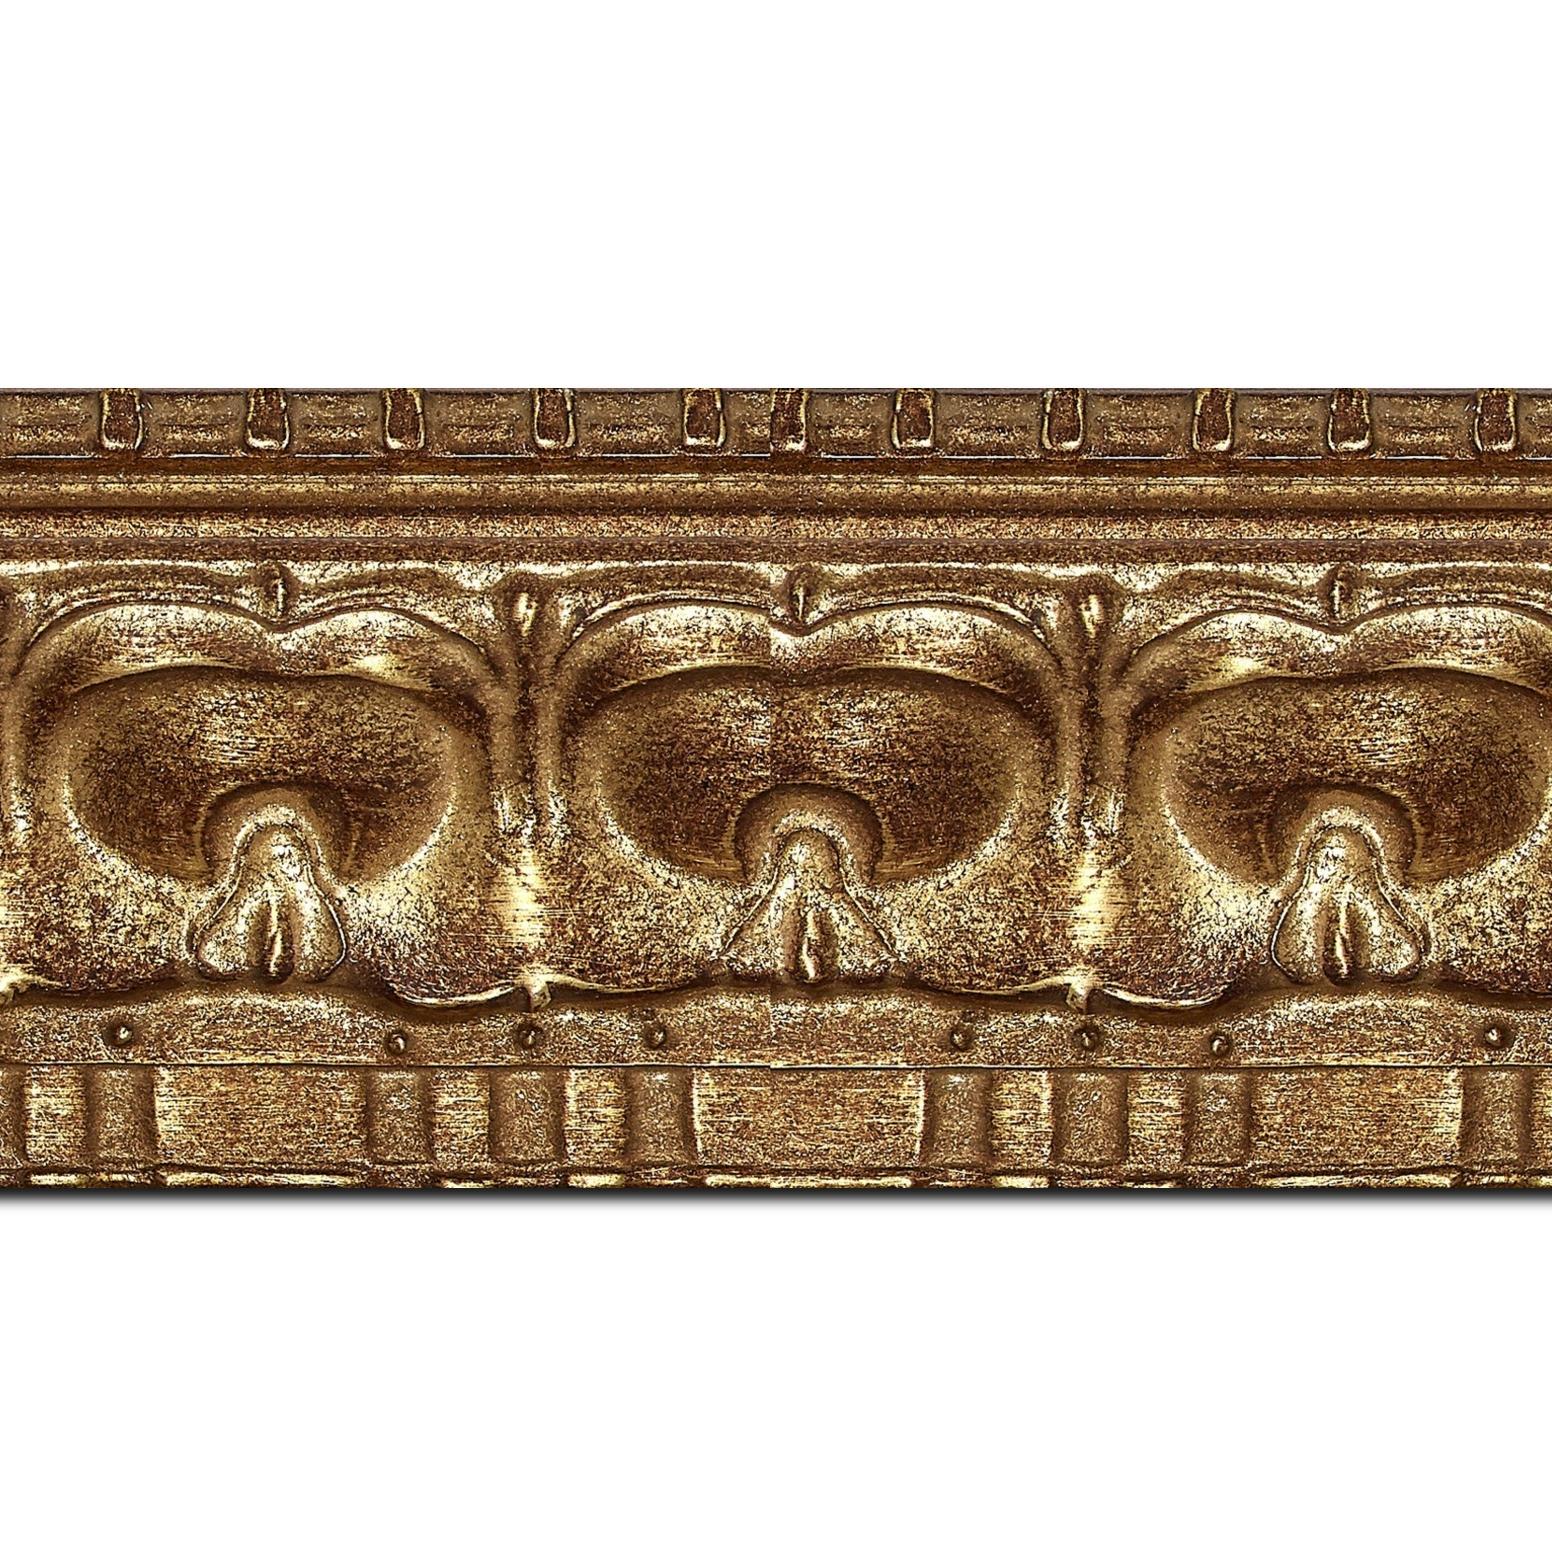 Baguette longueur 1.40m bois profil incurvé largeur 8.5cm or antique classique